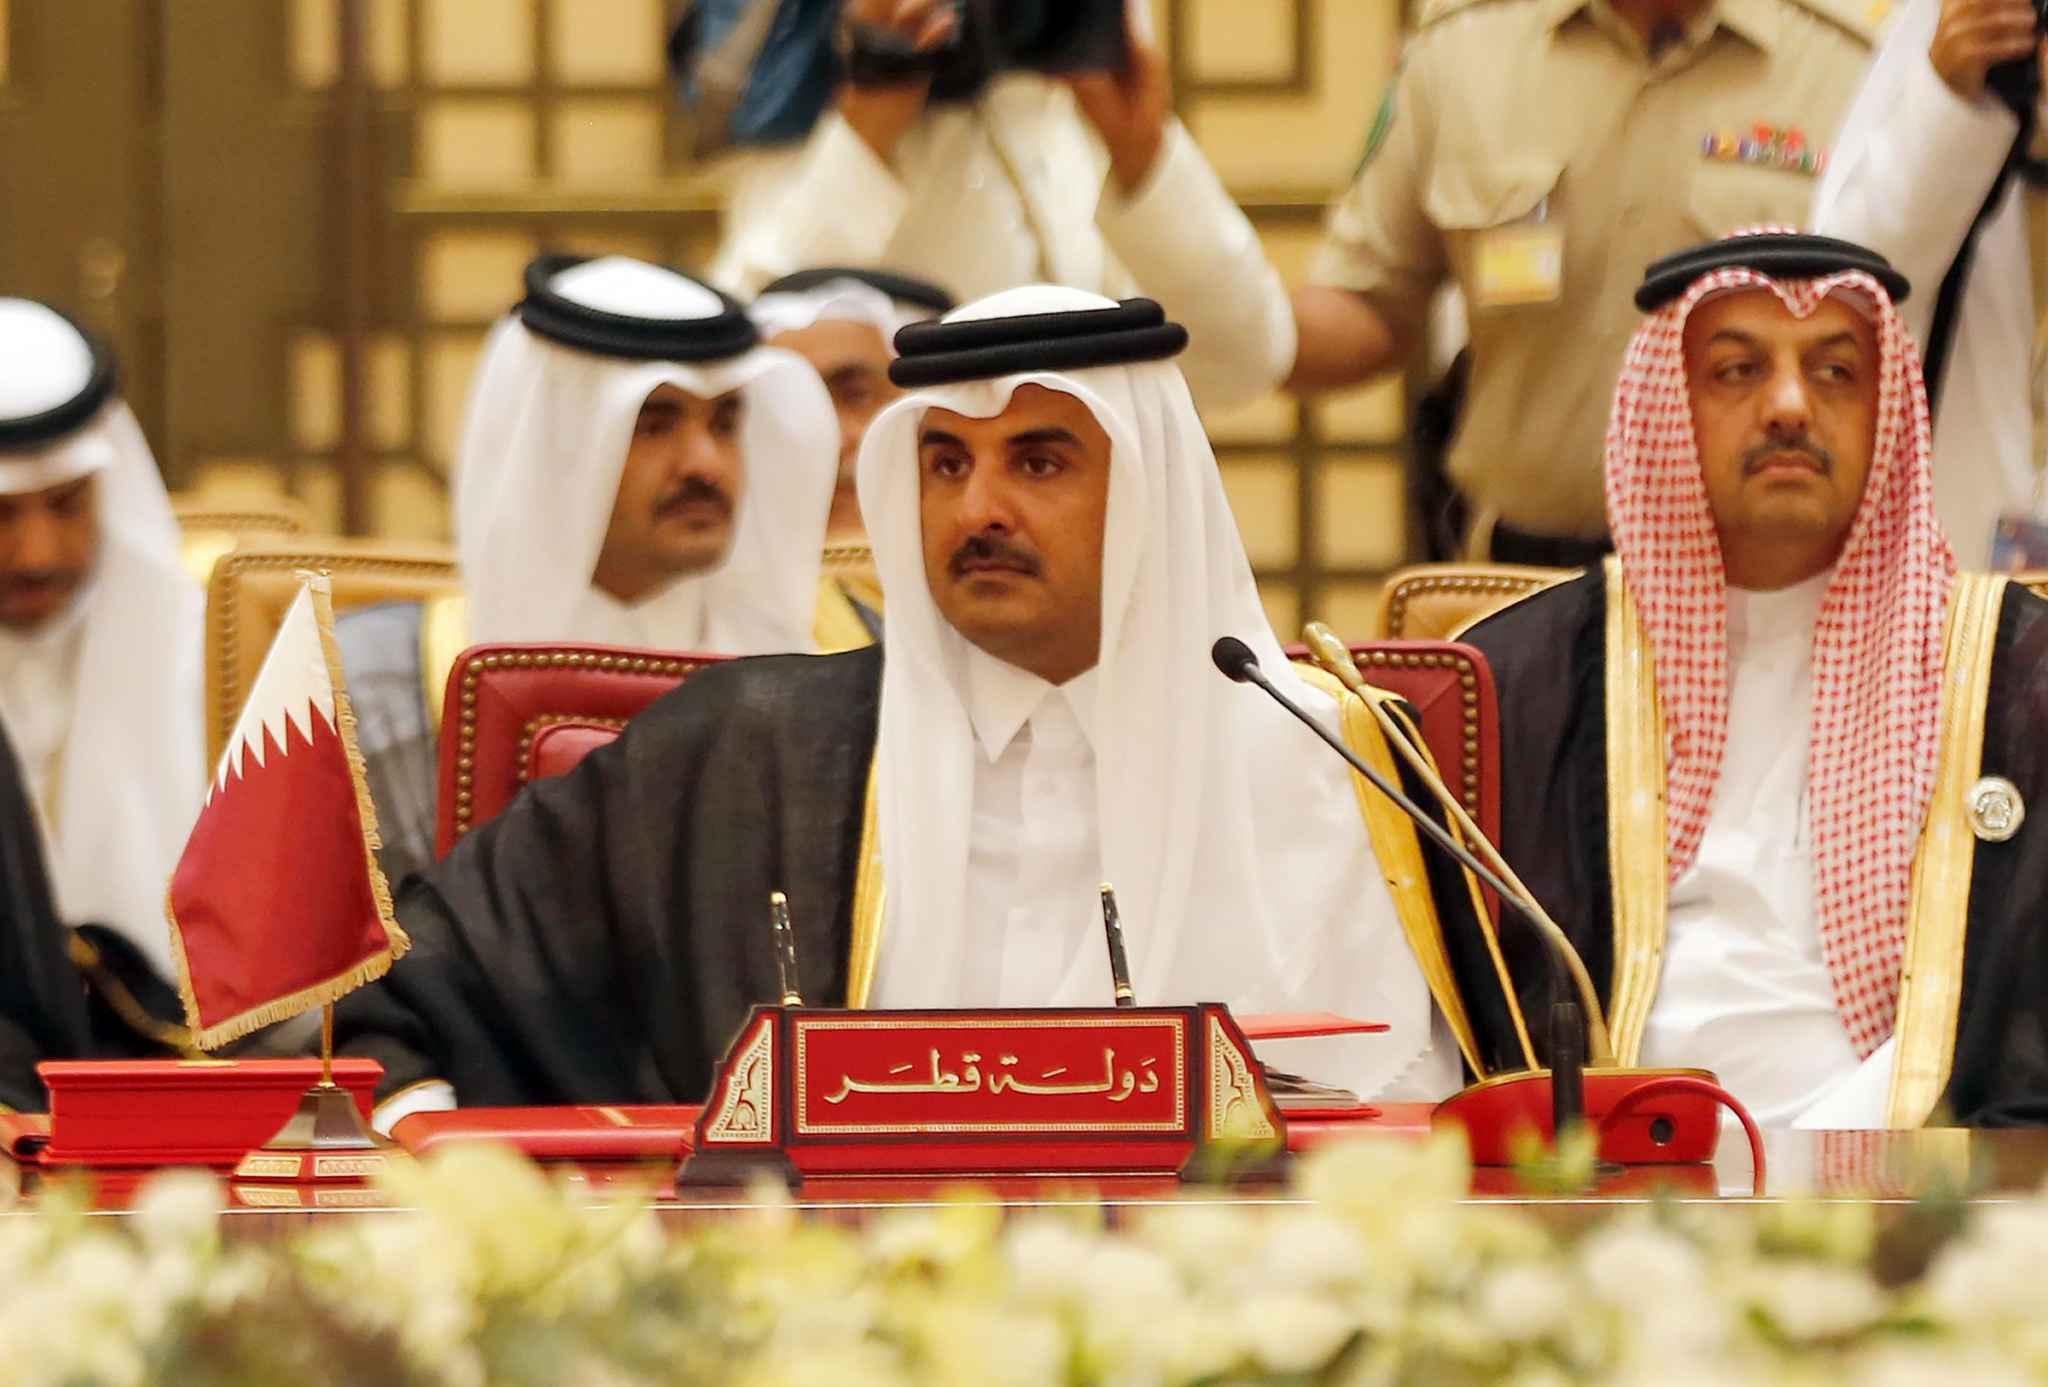 Plusieurs pays du conseil de coopération du Golfe (CCG) accusent le Qatar - dirigé par l'émir al-Thani (photo) - de soutenir le terrorisme.